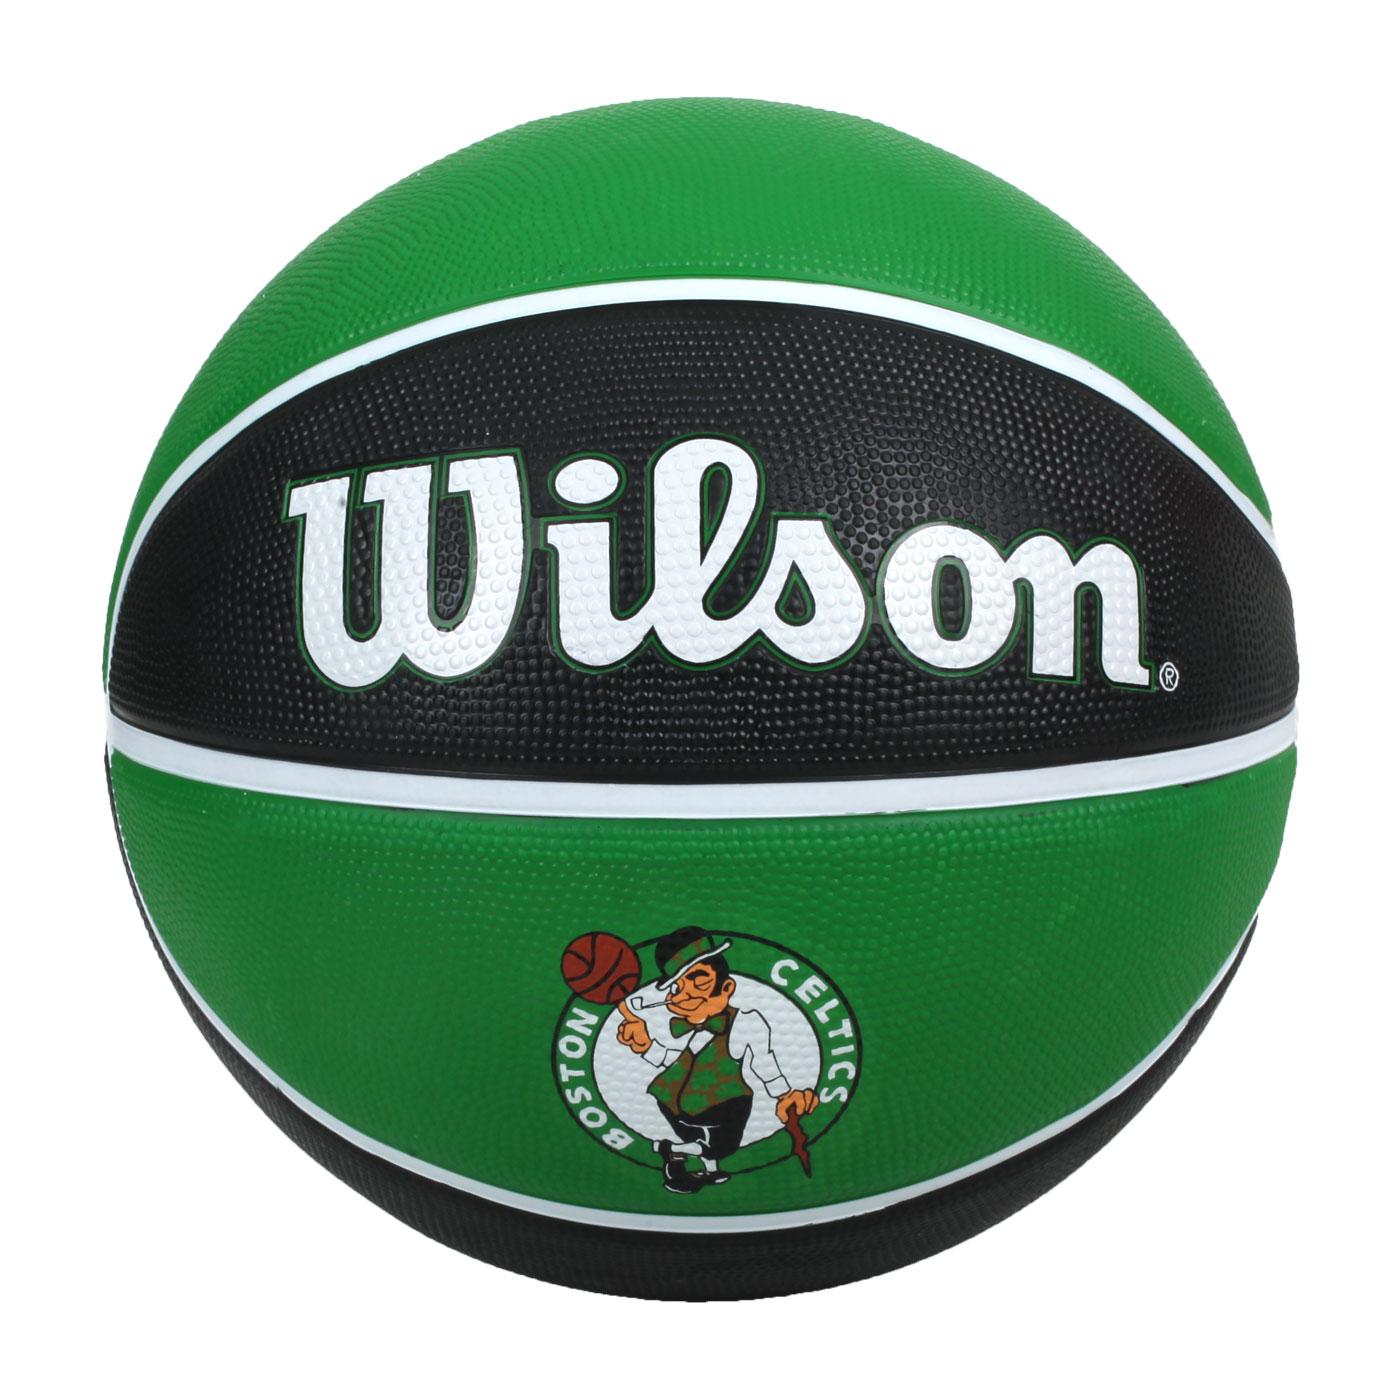 WILSON NBA隊徽系列21' 賽爾提克隊橡膠籃球#7 WTB1300XBBOS